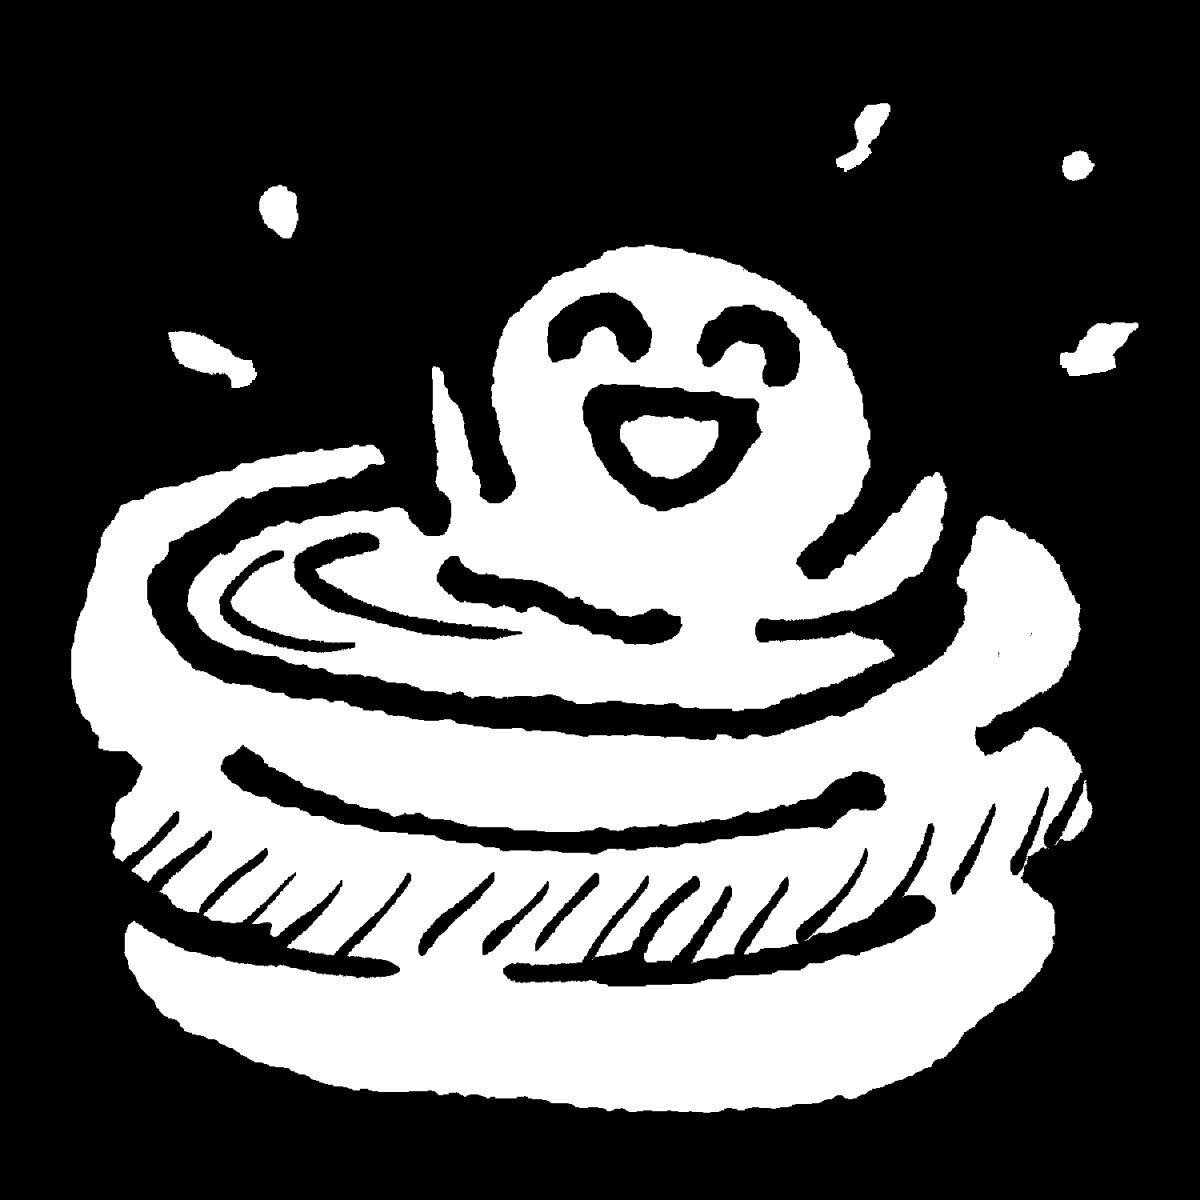 ビニールプールでひとり遊びのイラスト / The vinyl pool is fun. Illustration